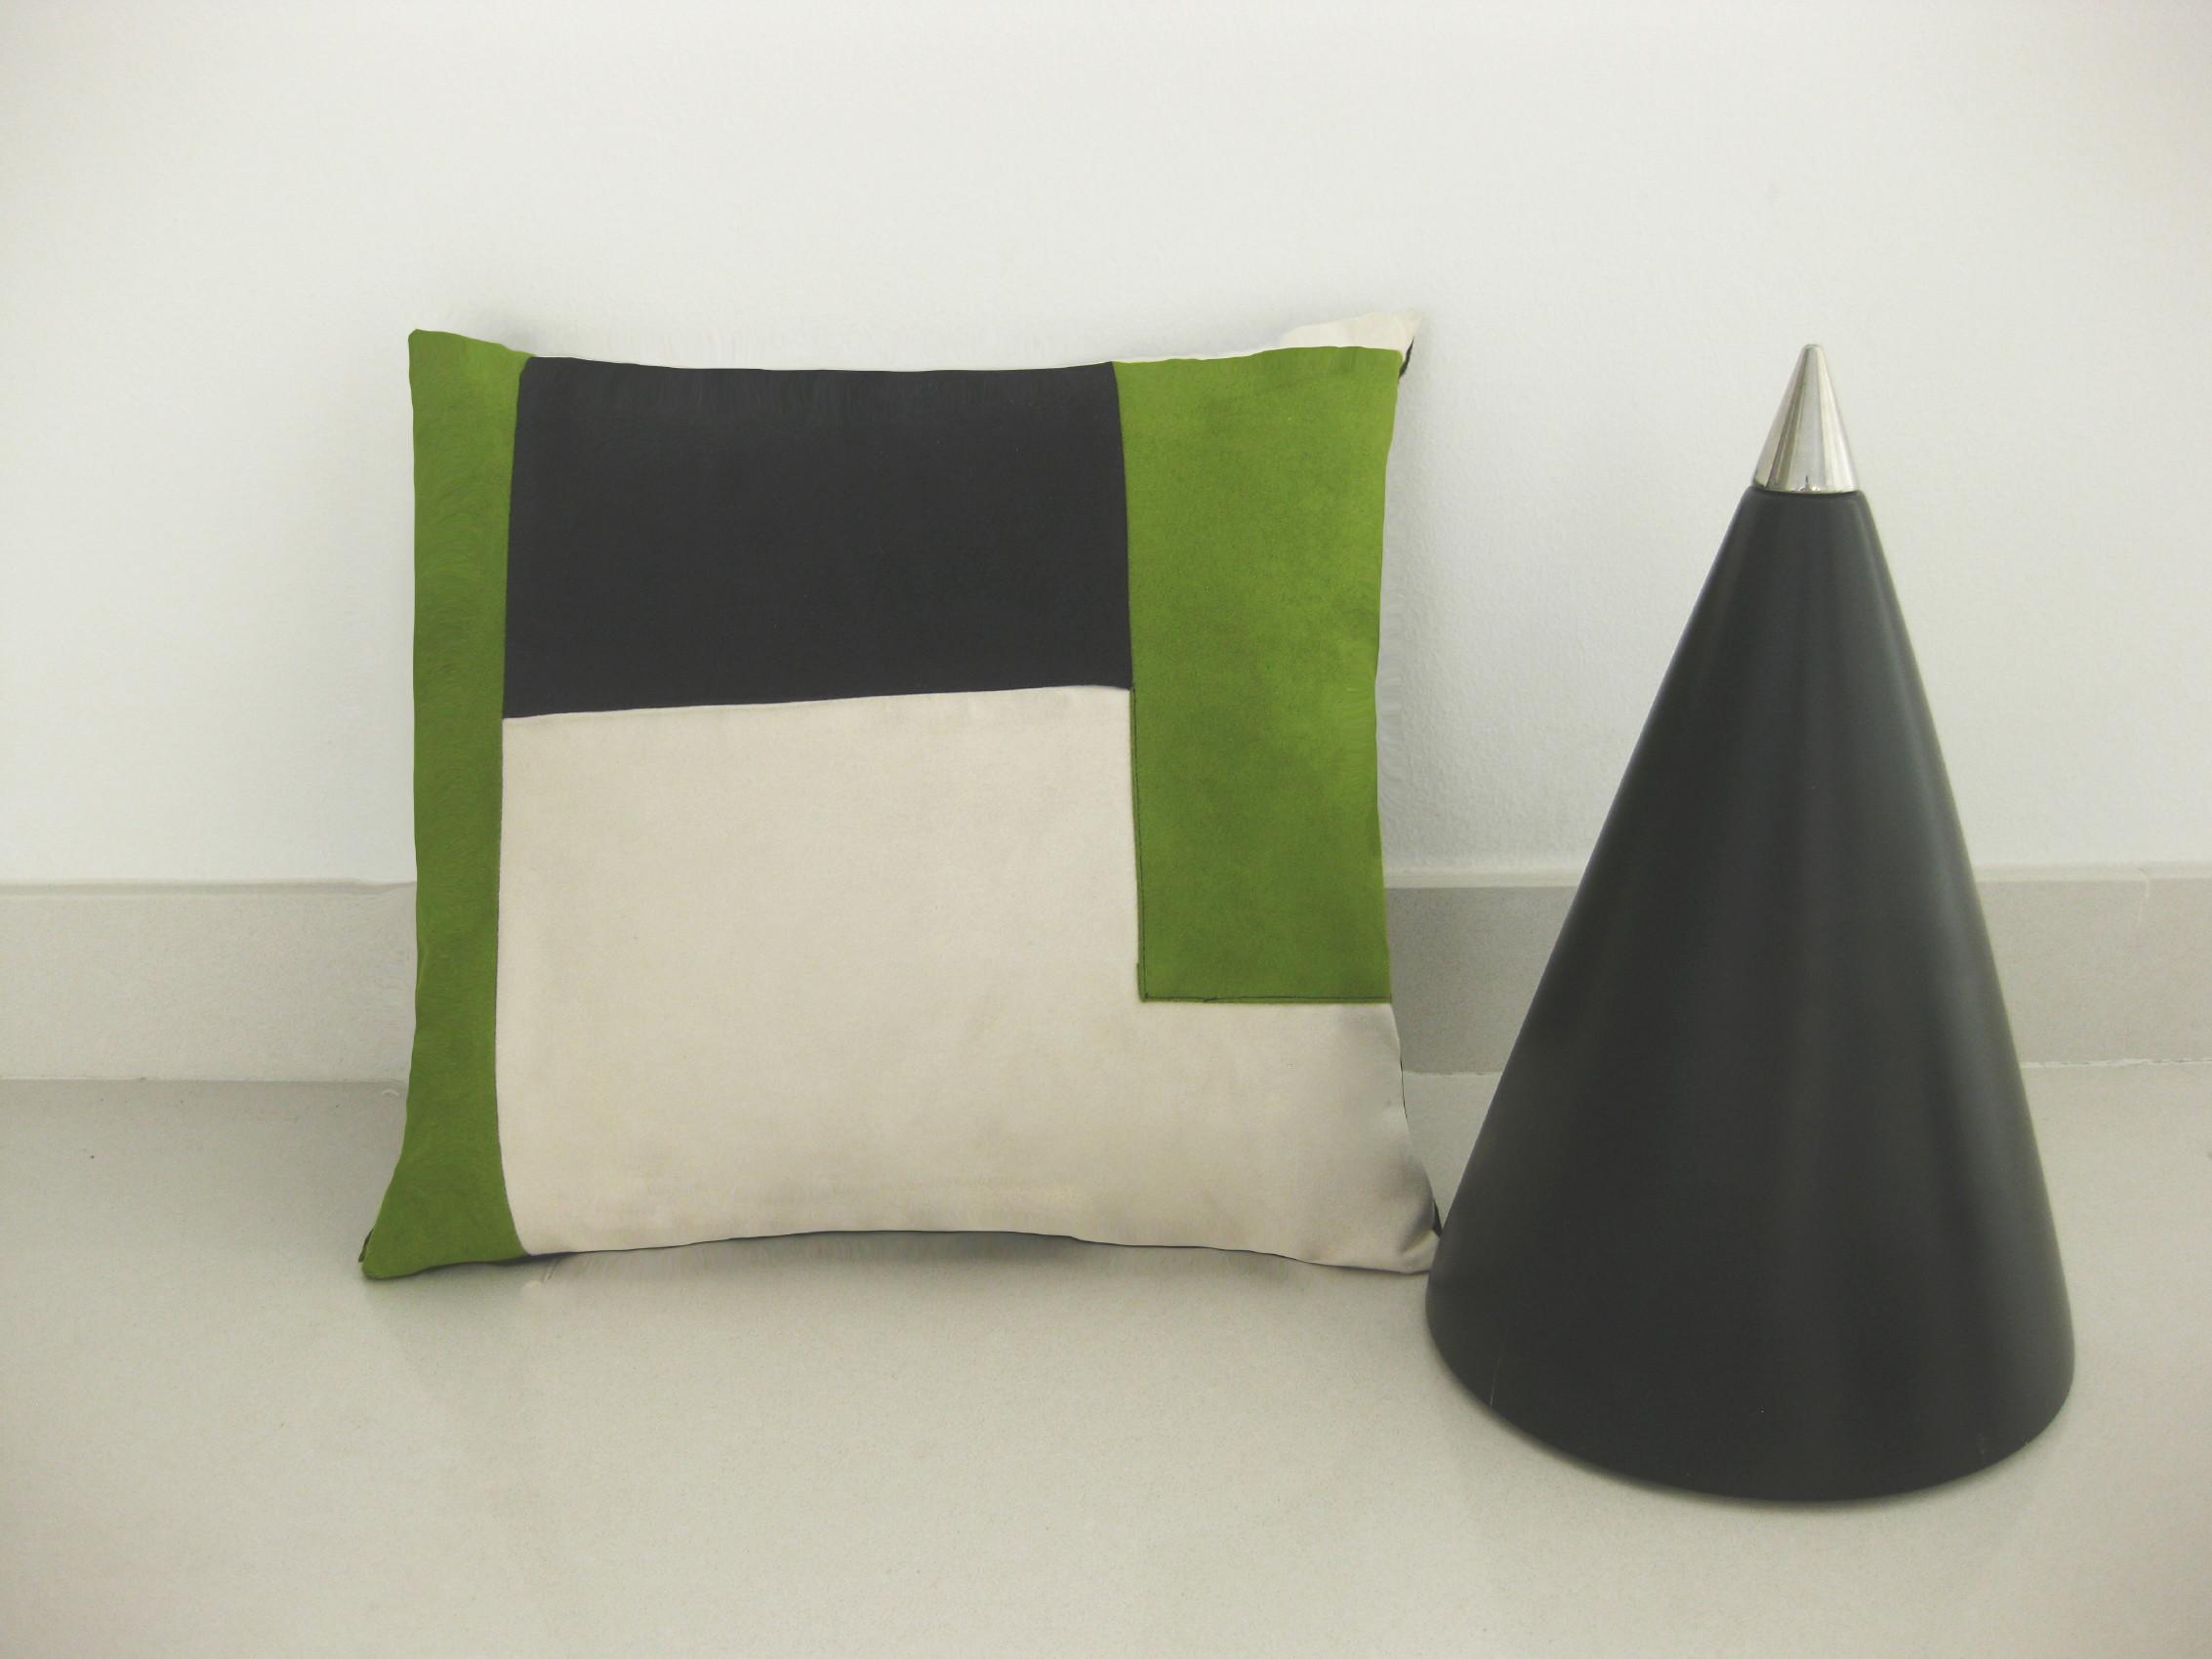 nova-linija-decora-kolekcija-jastuka-modne dizajnerice-marine-prevolsek-14